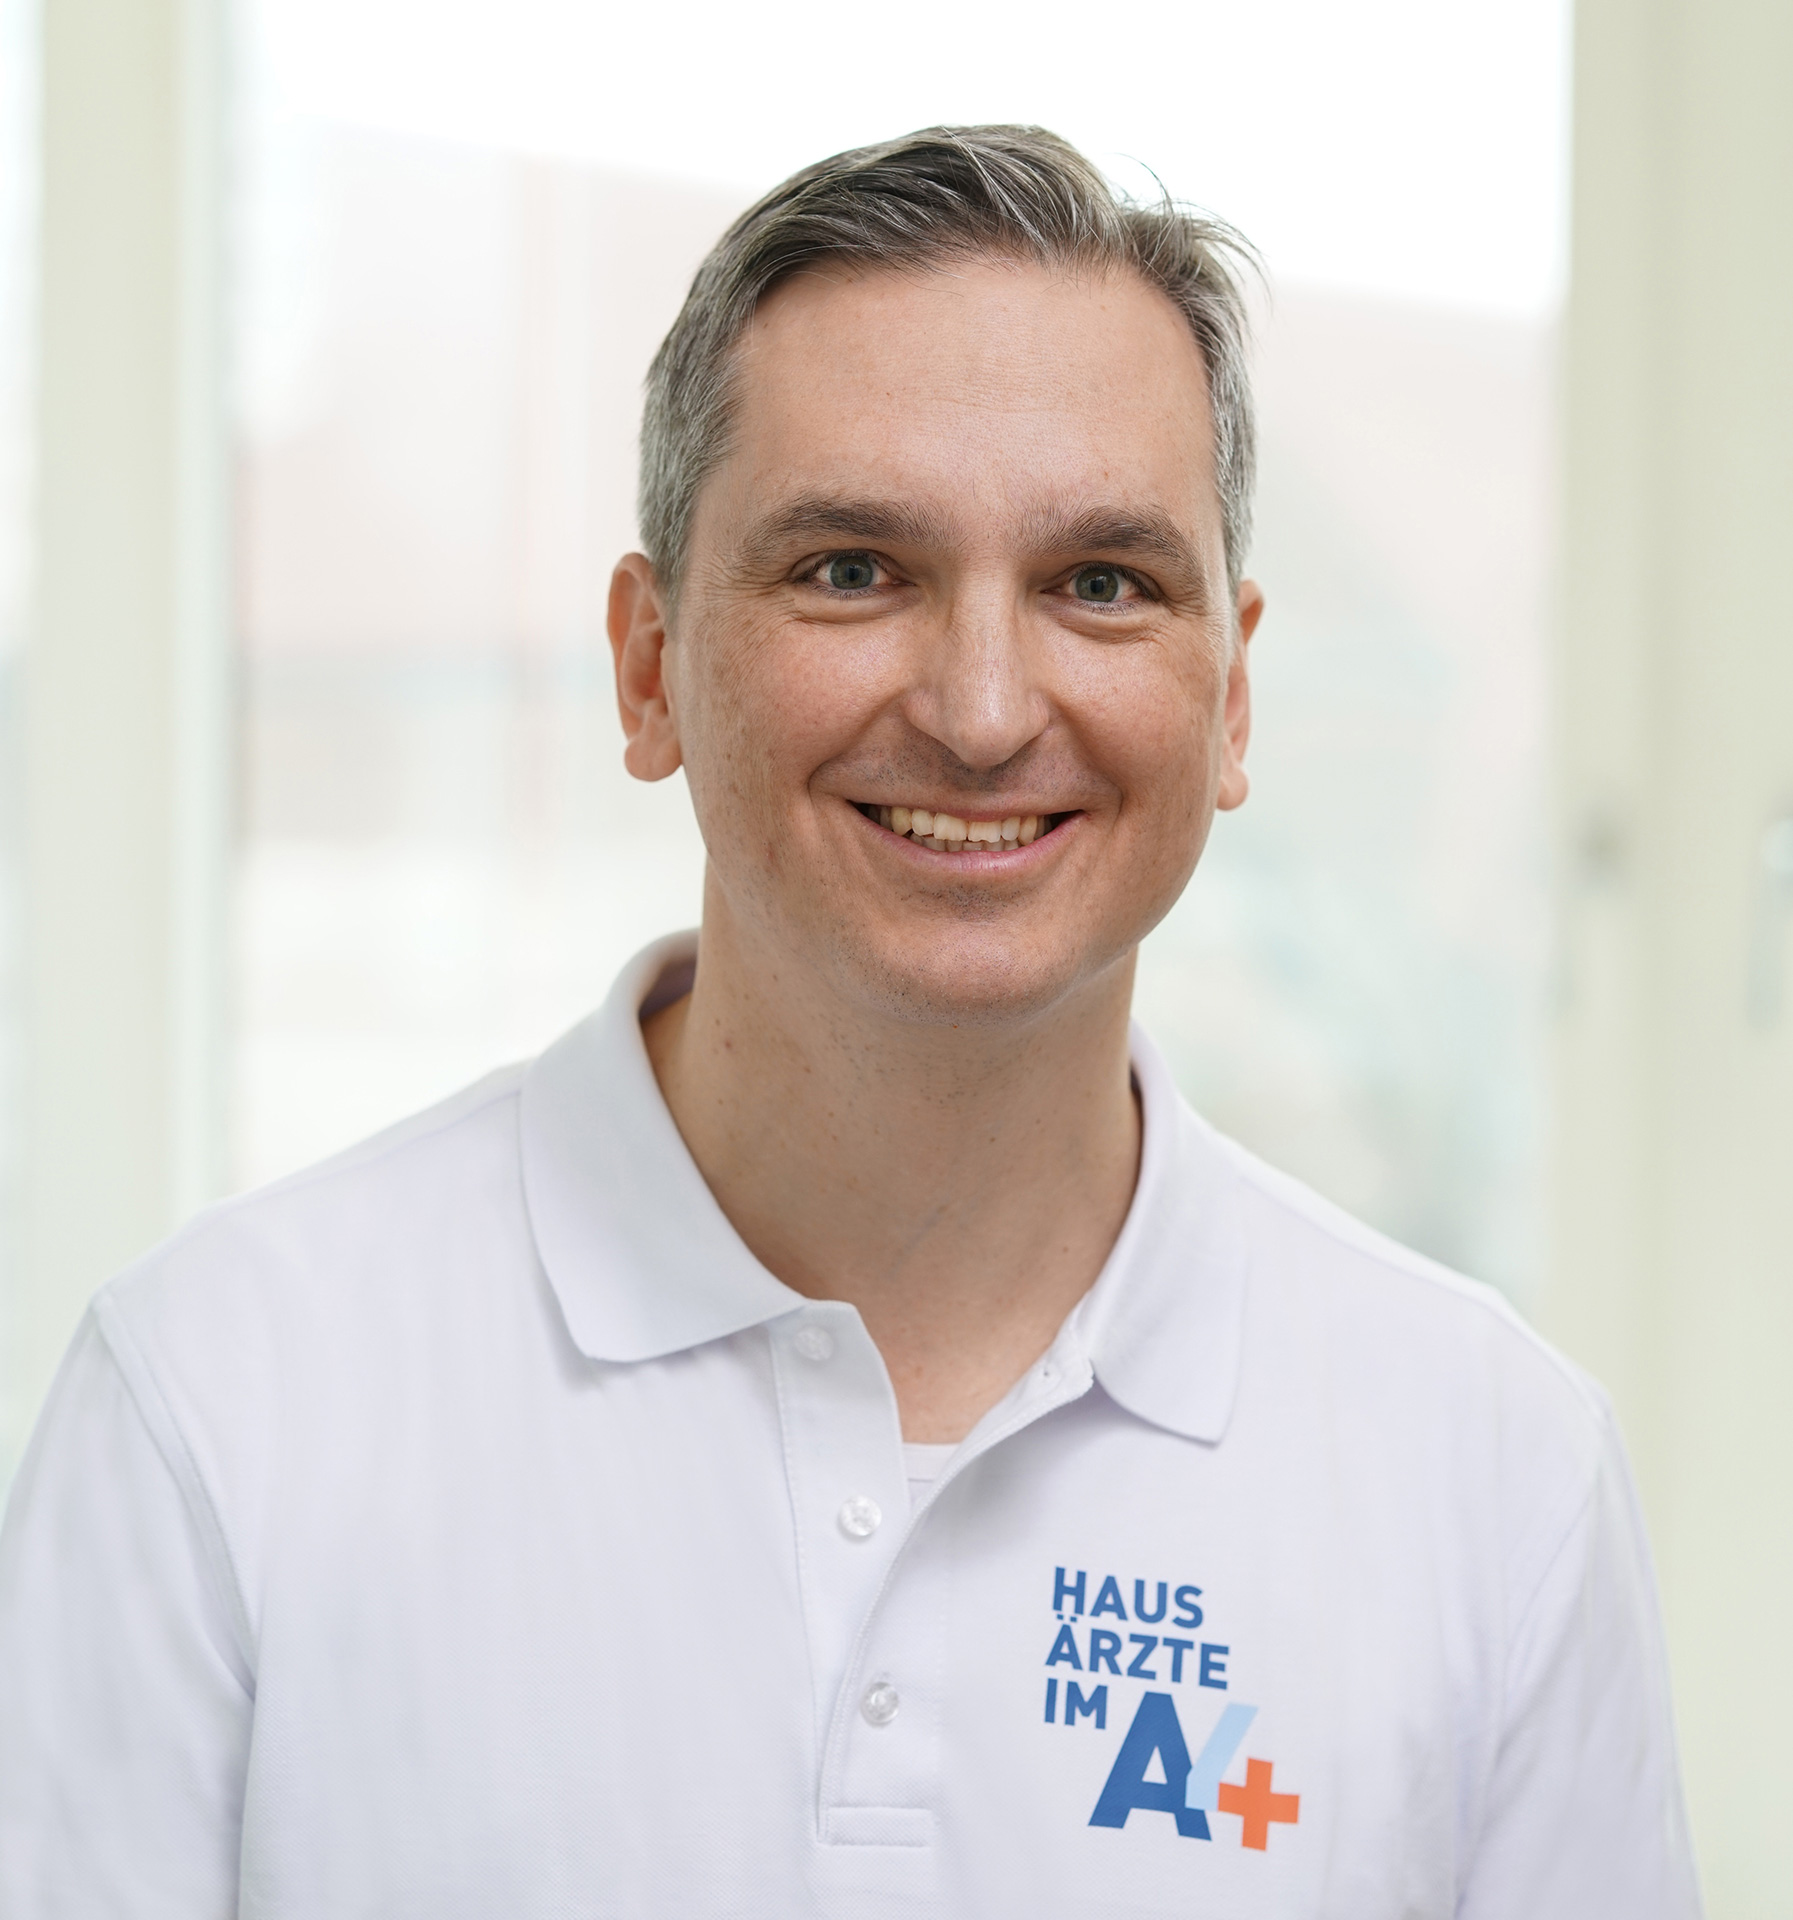 Hausärzte im A4, Gemeinschaftspraxis – Ärzteteam, Dr. med. Alexander Babiak